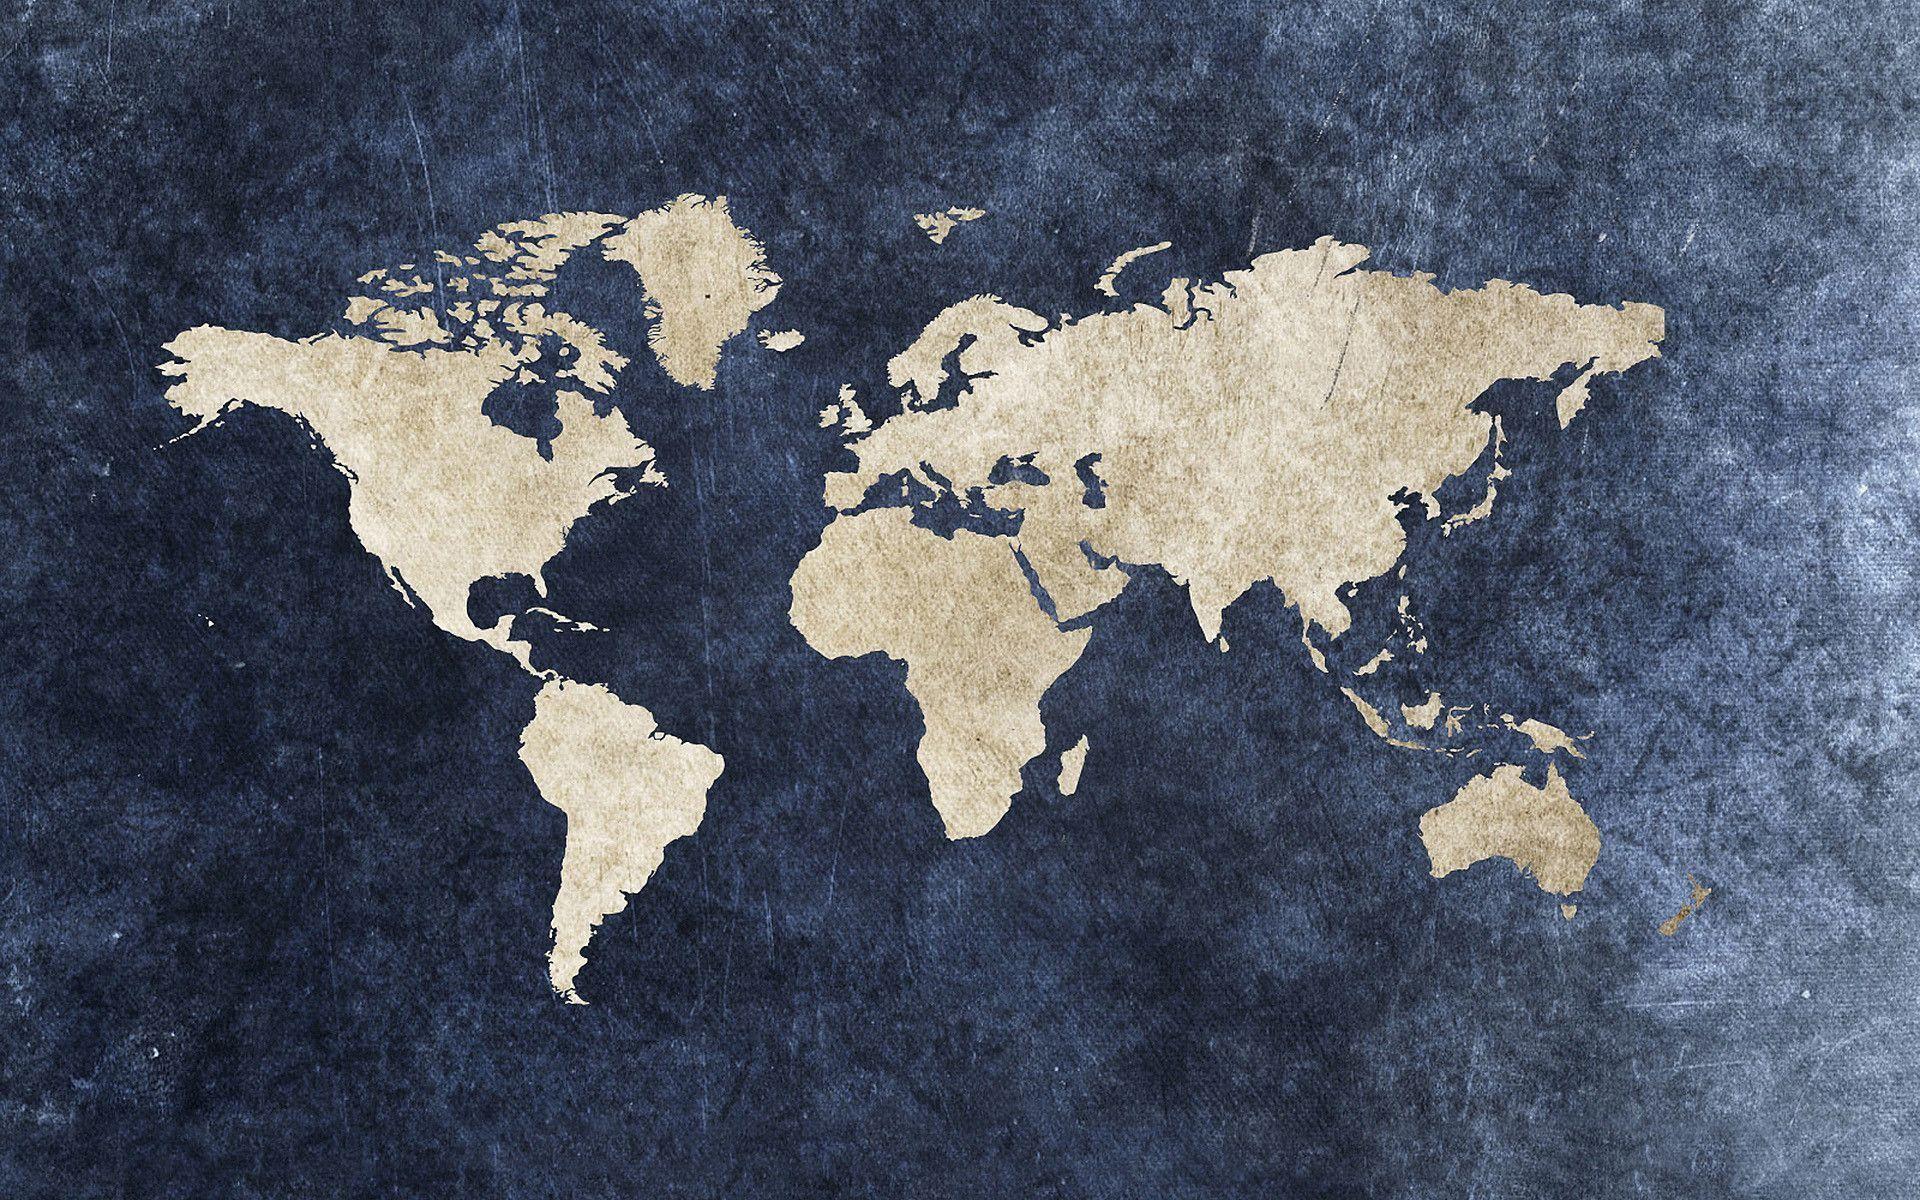 World map wallpapers fondos pinterest wallpaper